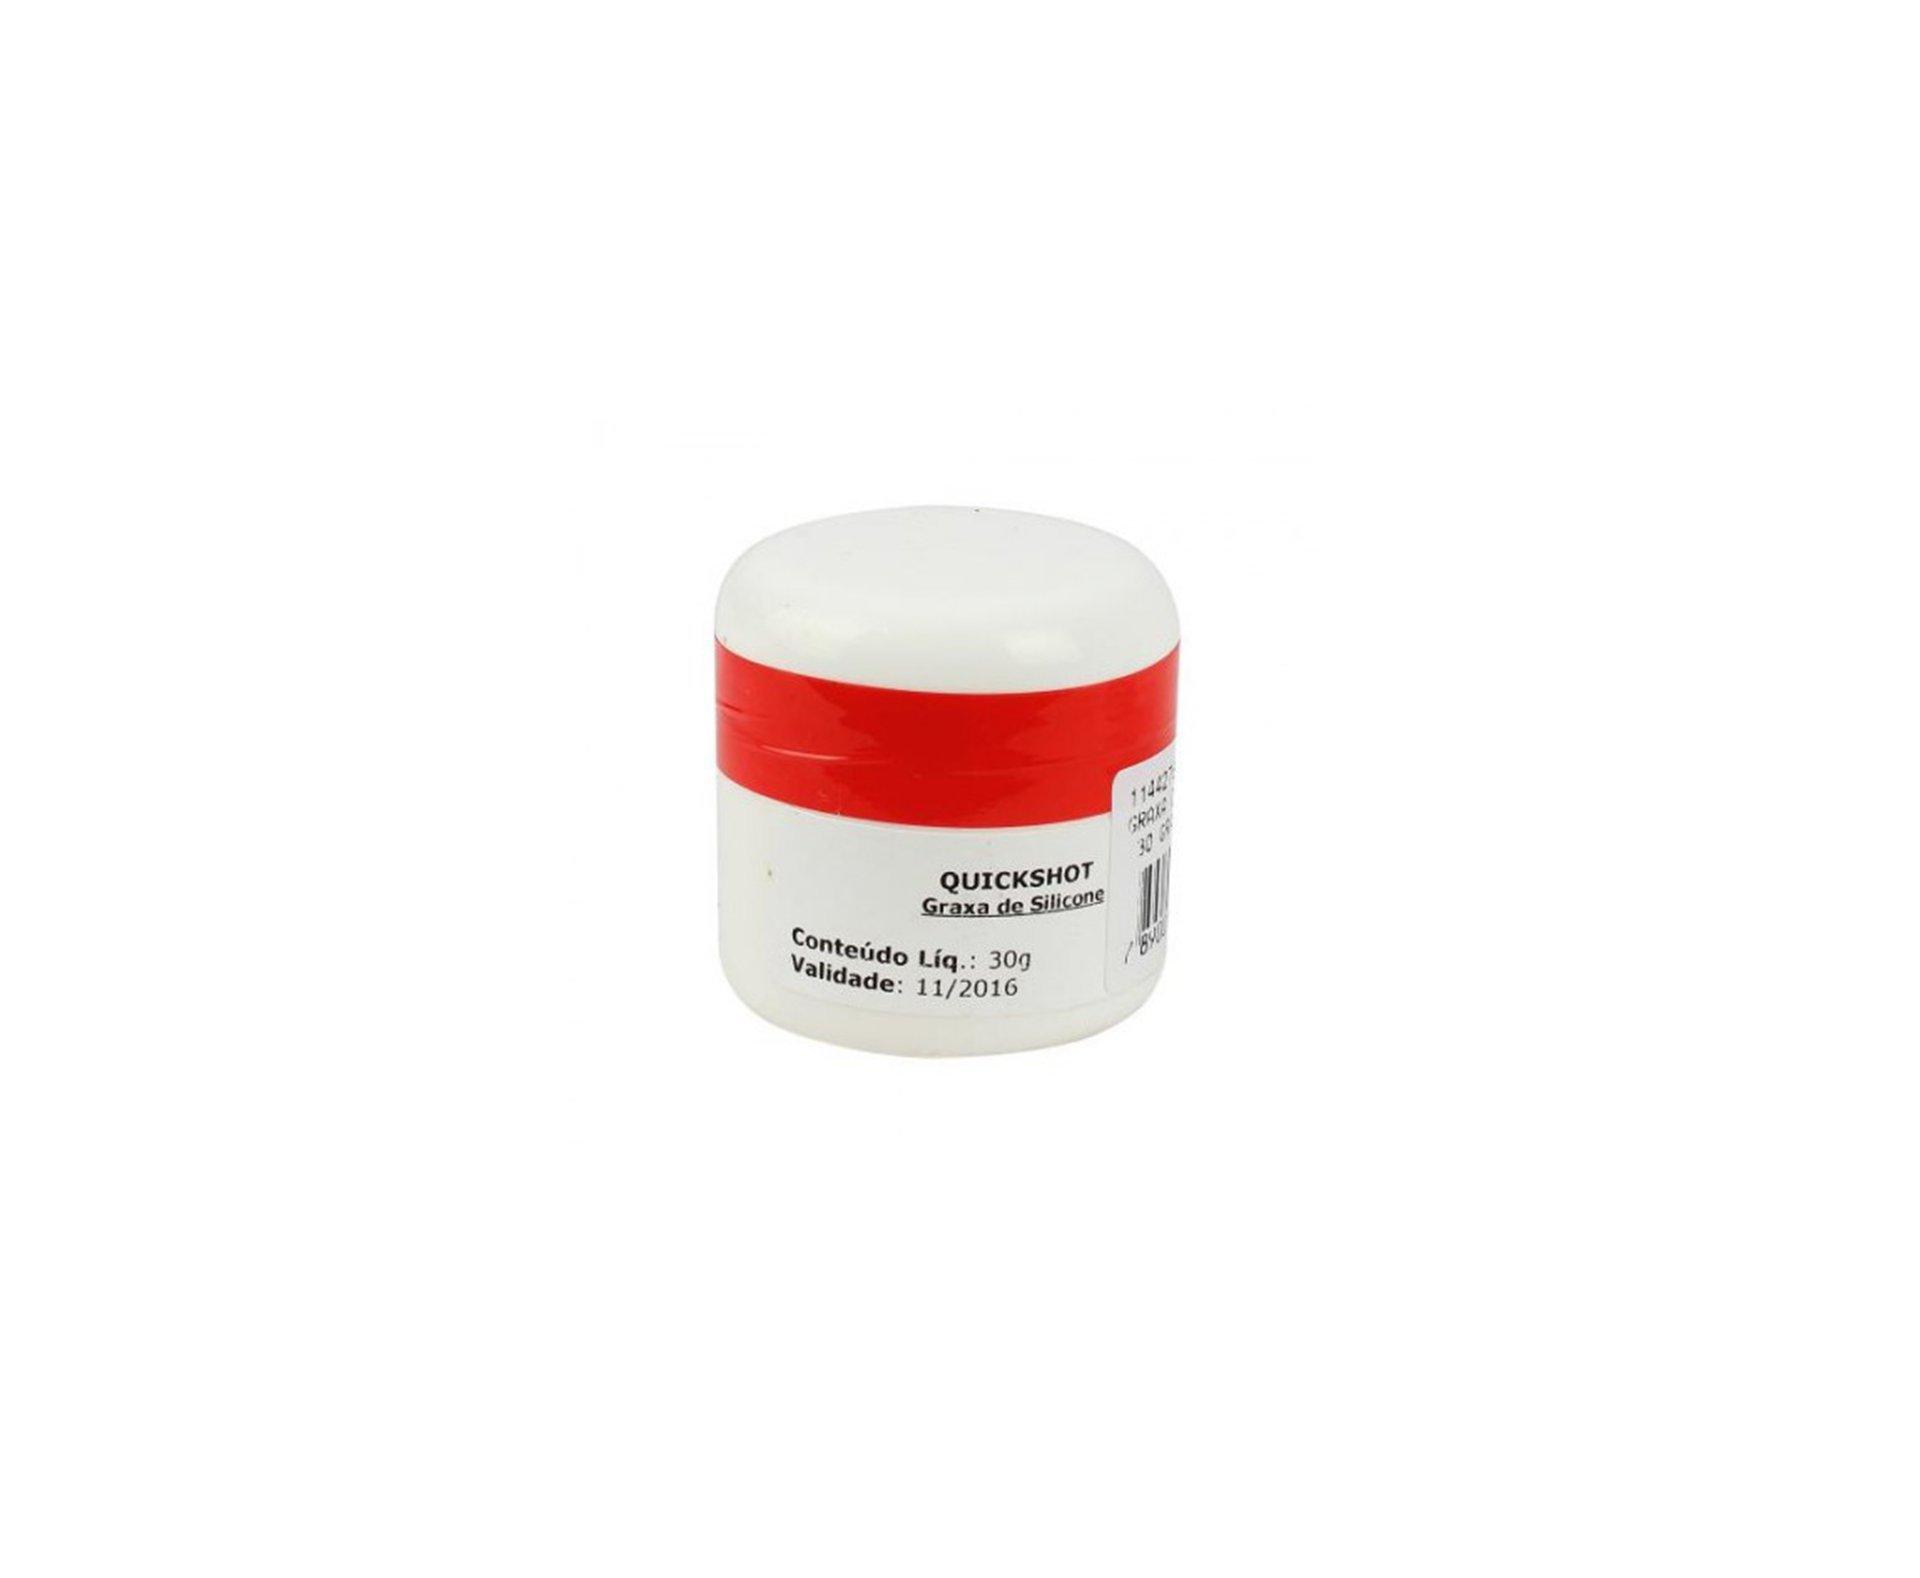 Graxa A Base De Silicone - 30g - Quickshot